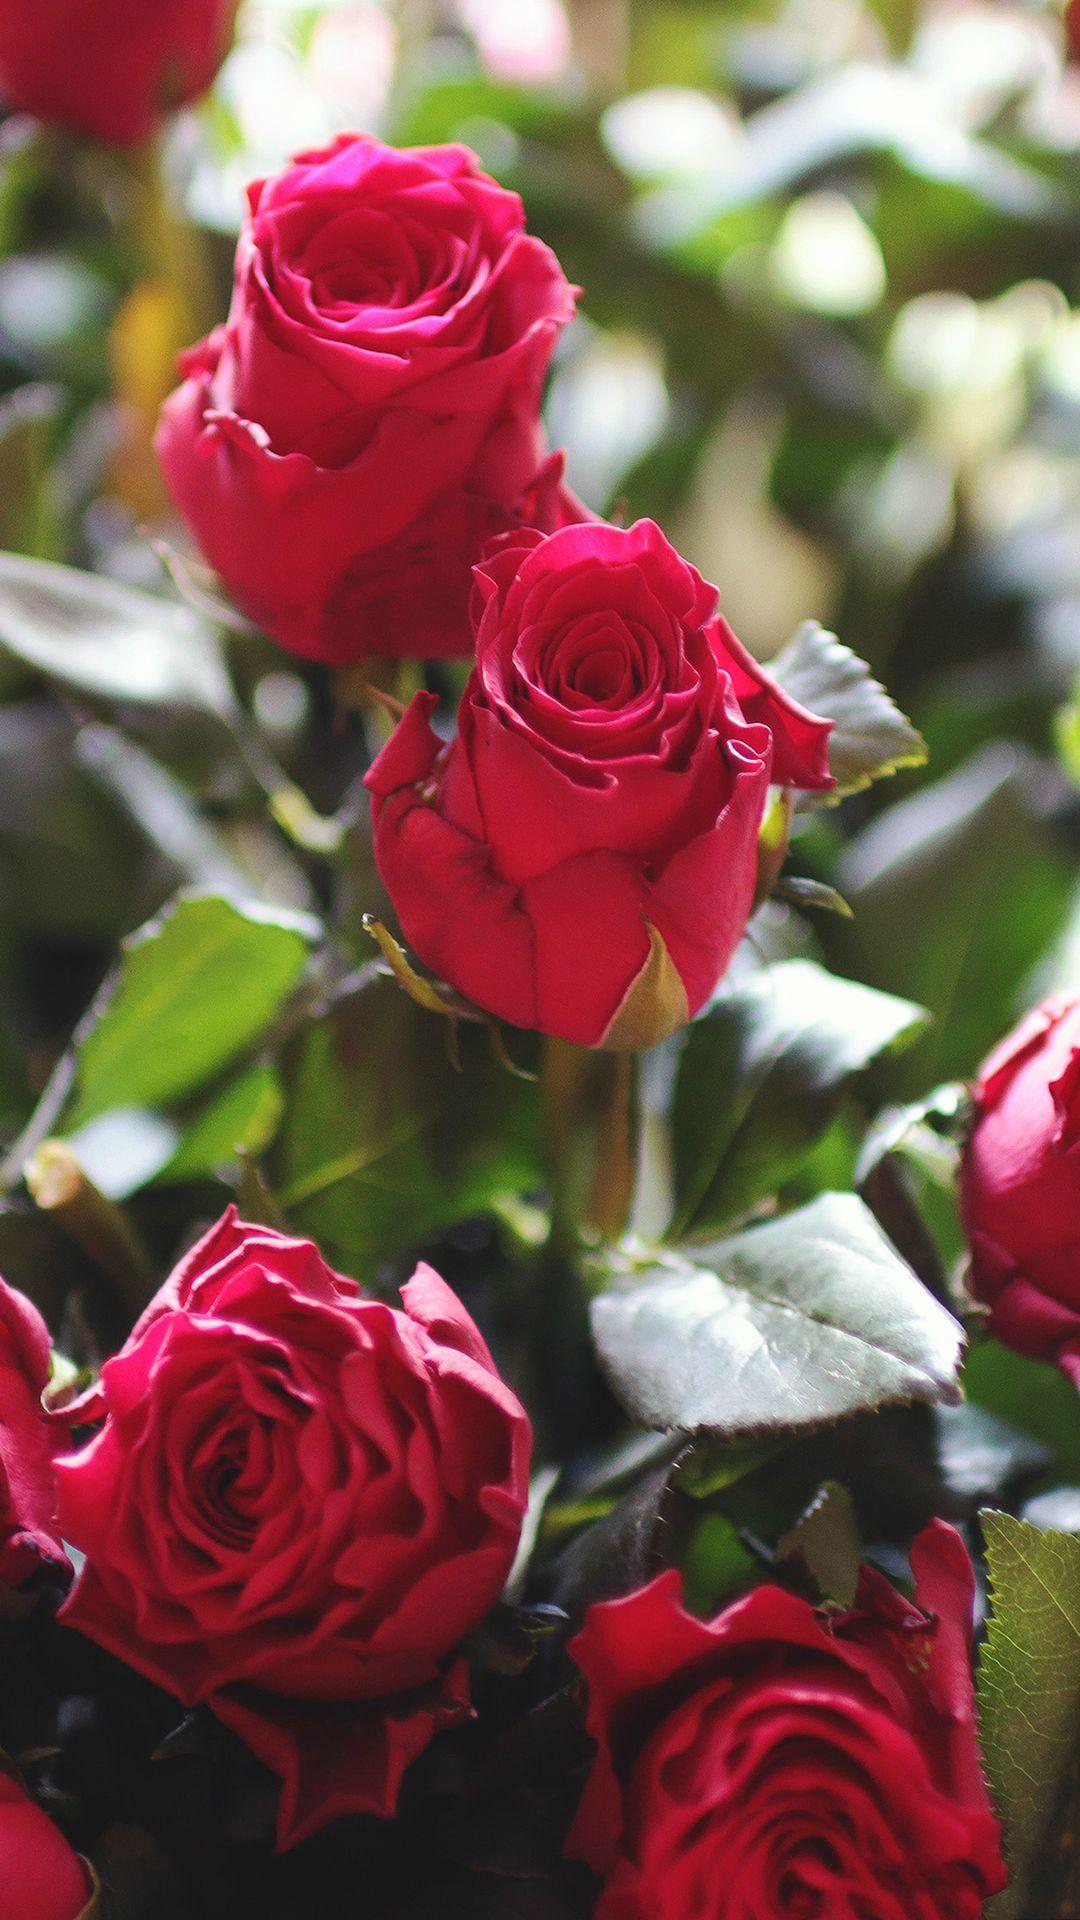 red rose phone wallpaper